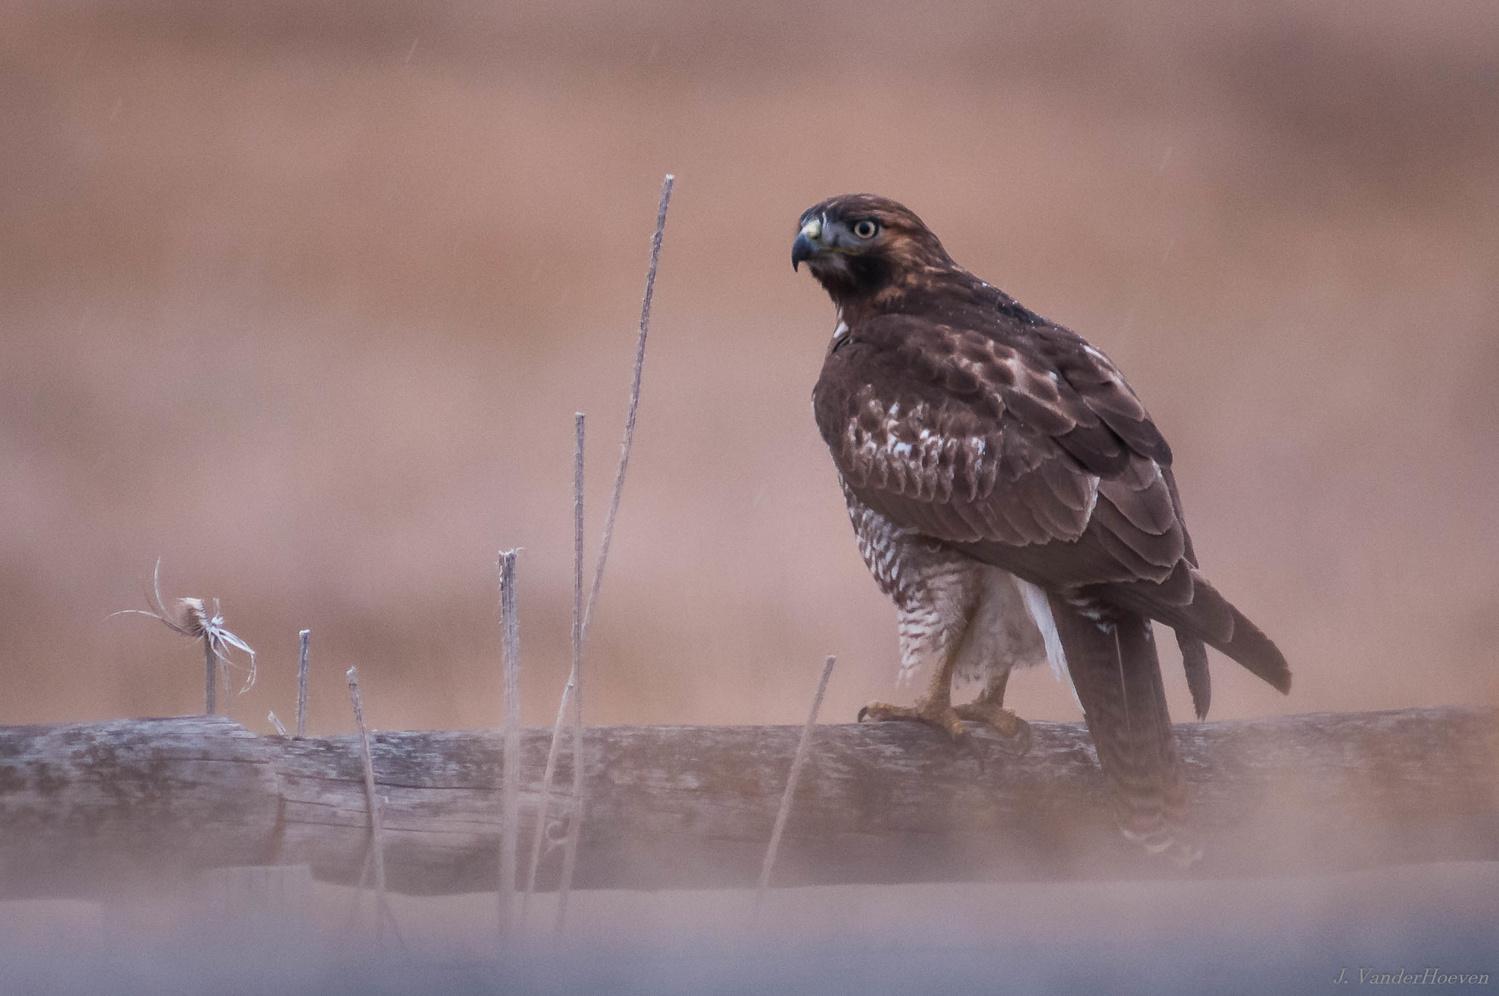 Hawk by Jake VanderHoeven